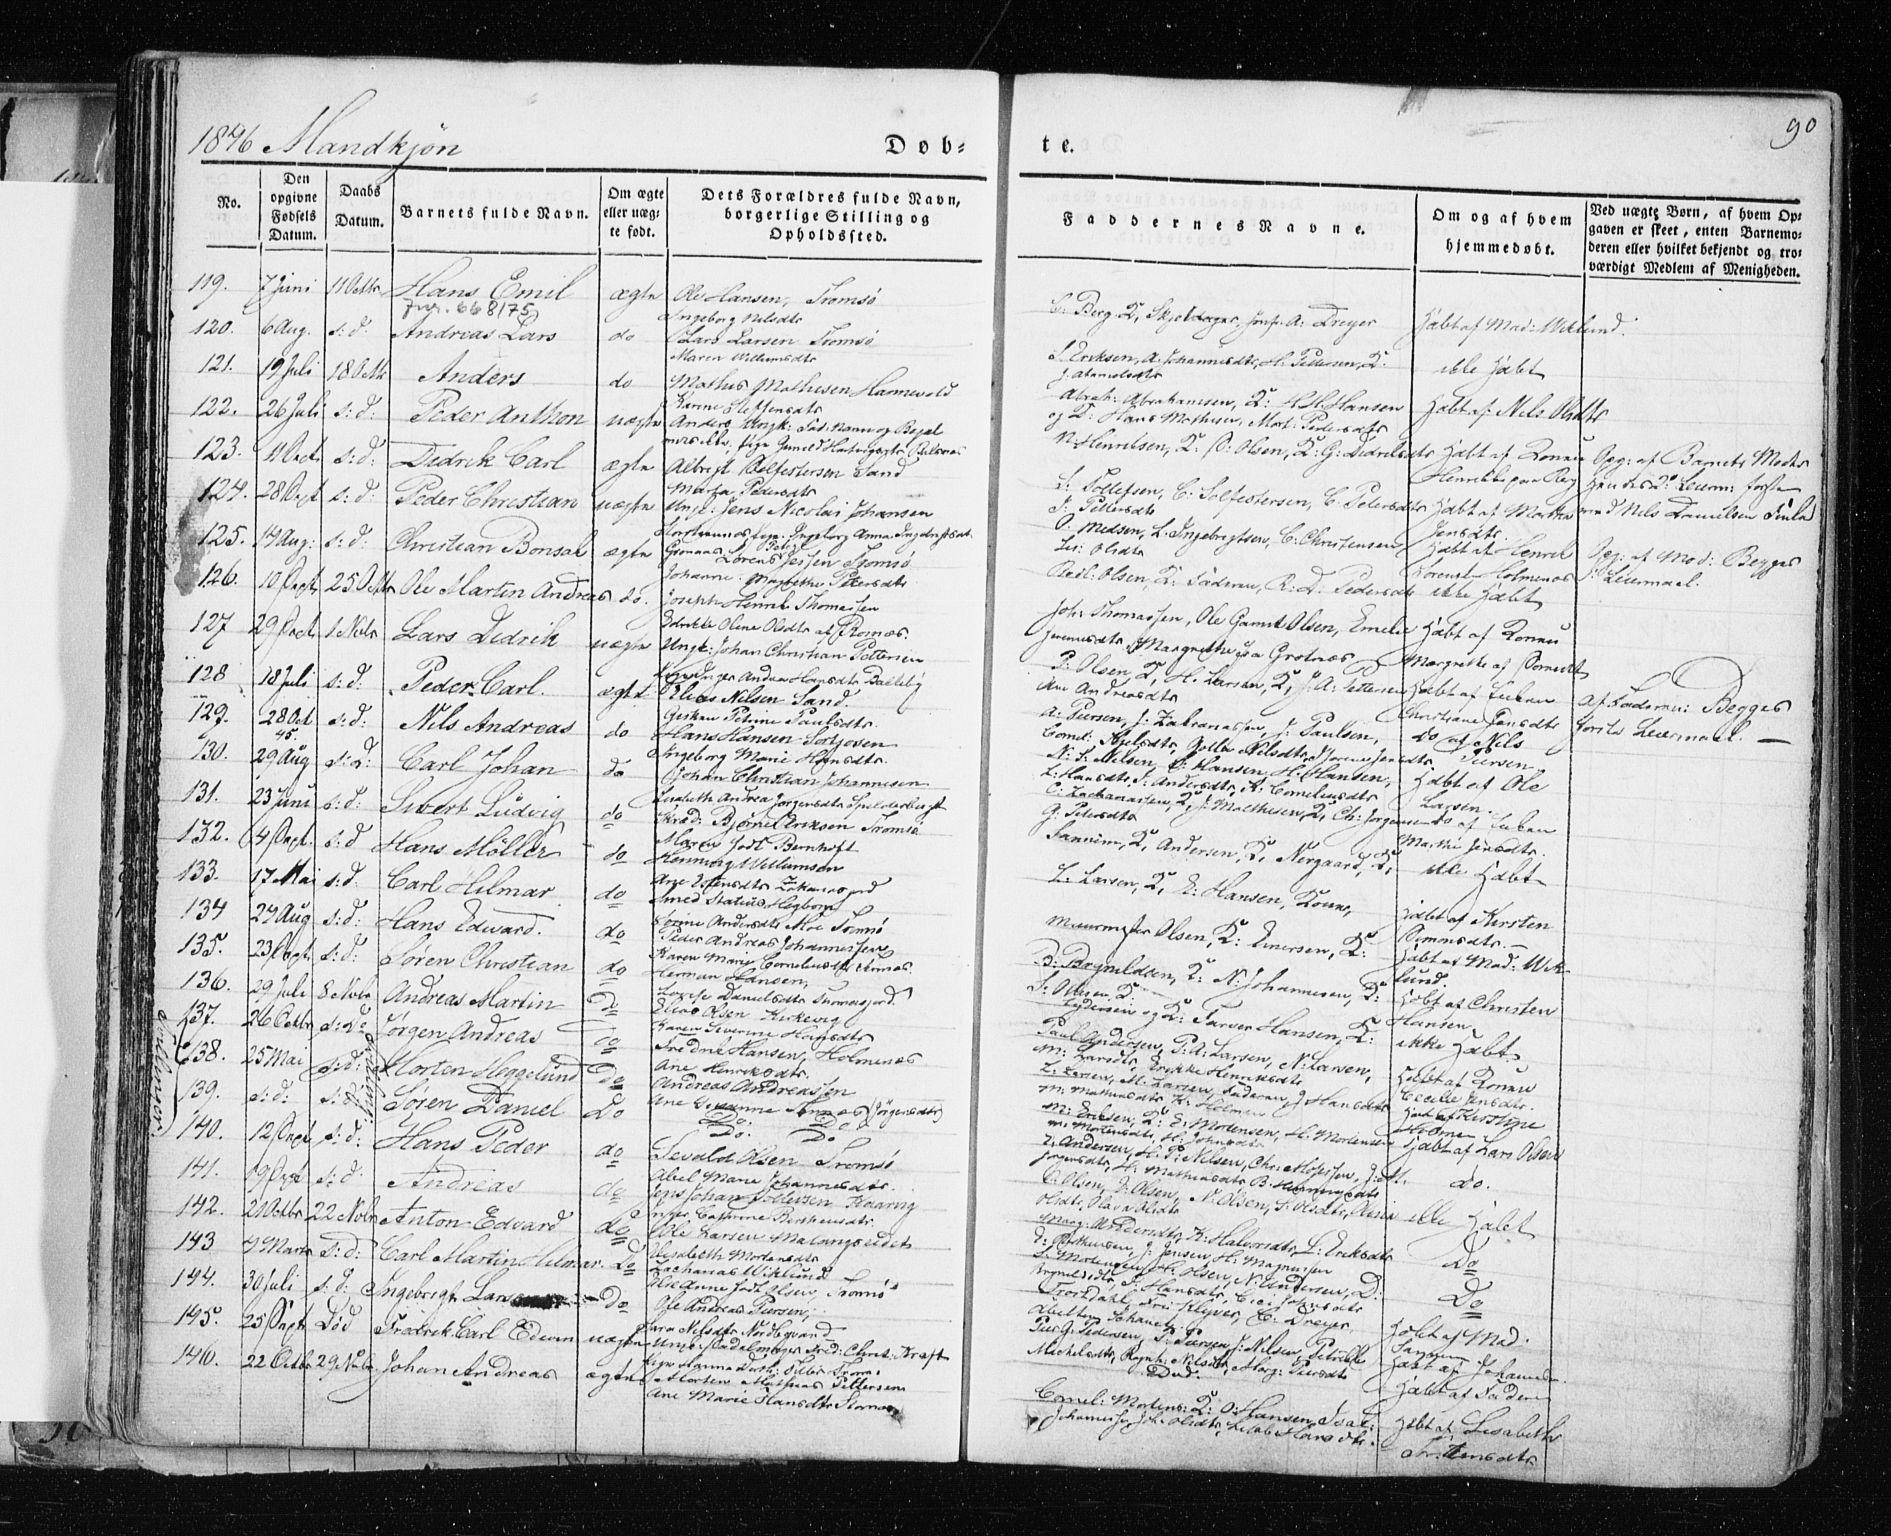 SATØ, Tromsø sokneprestkontor/stiftsprosti/domprosti, G/Ga/L0009kirke: Ministerialbok nr. 9, 1837-1847, s. 90